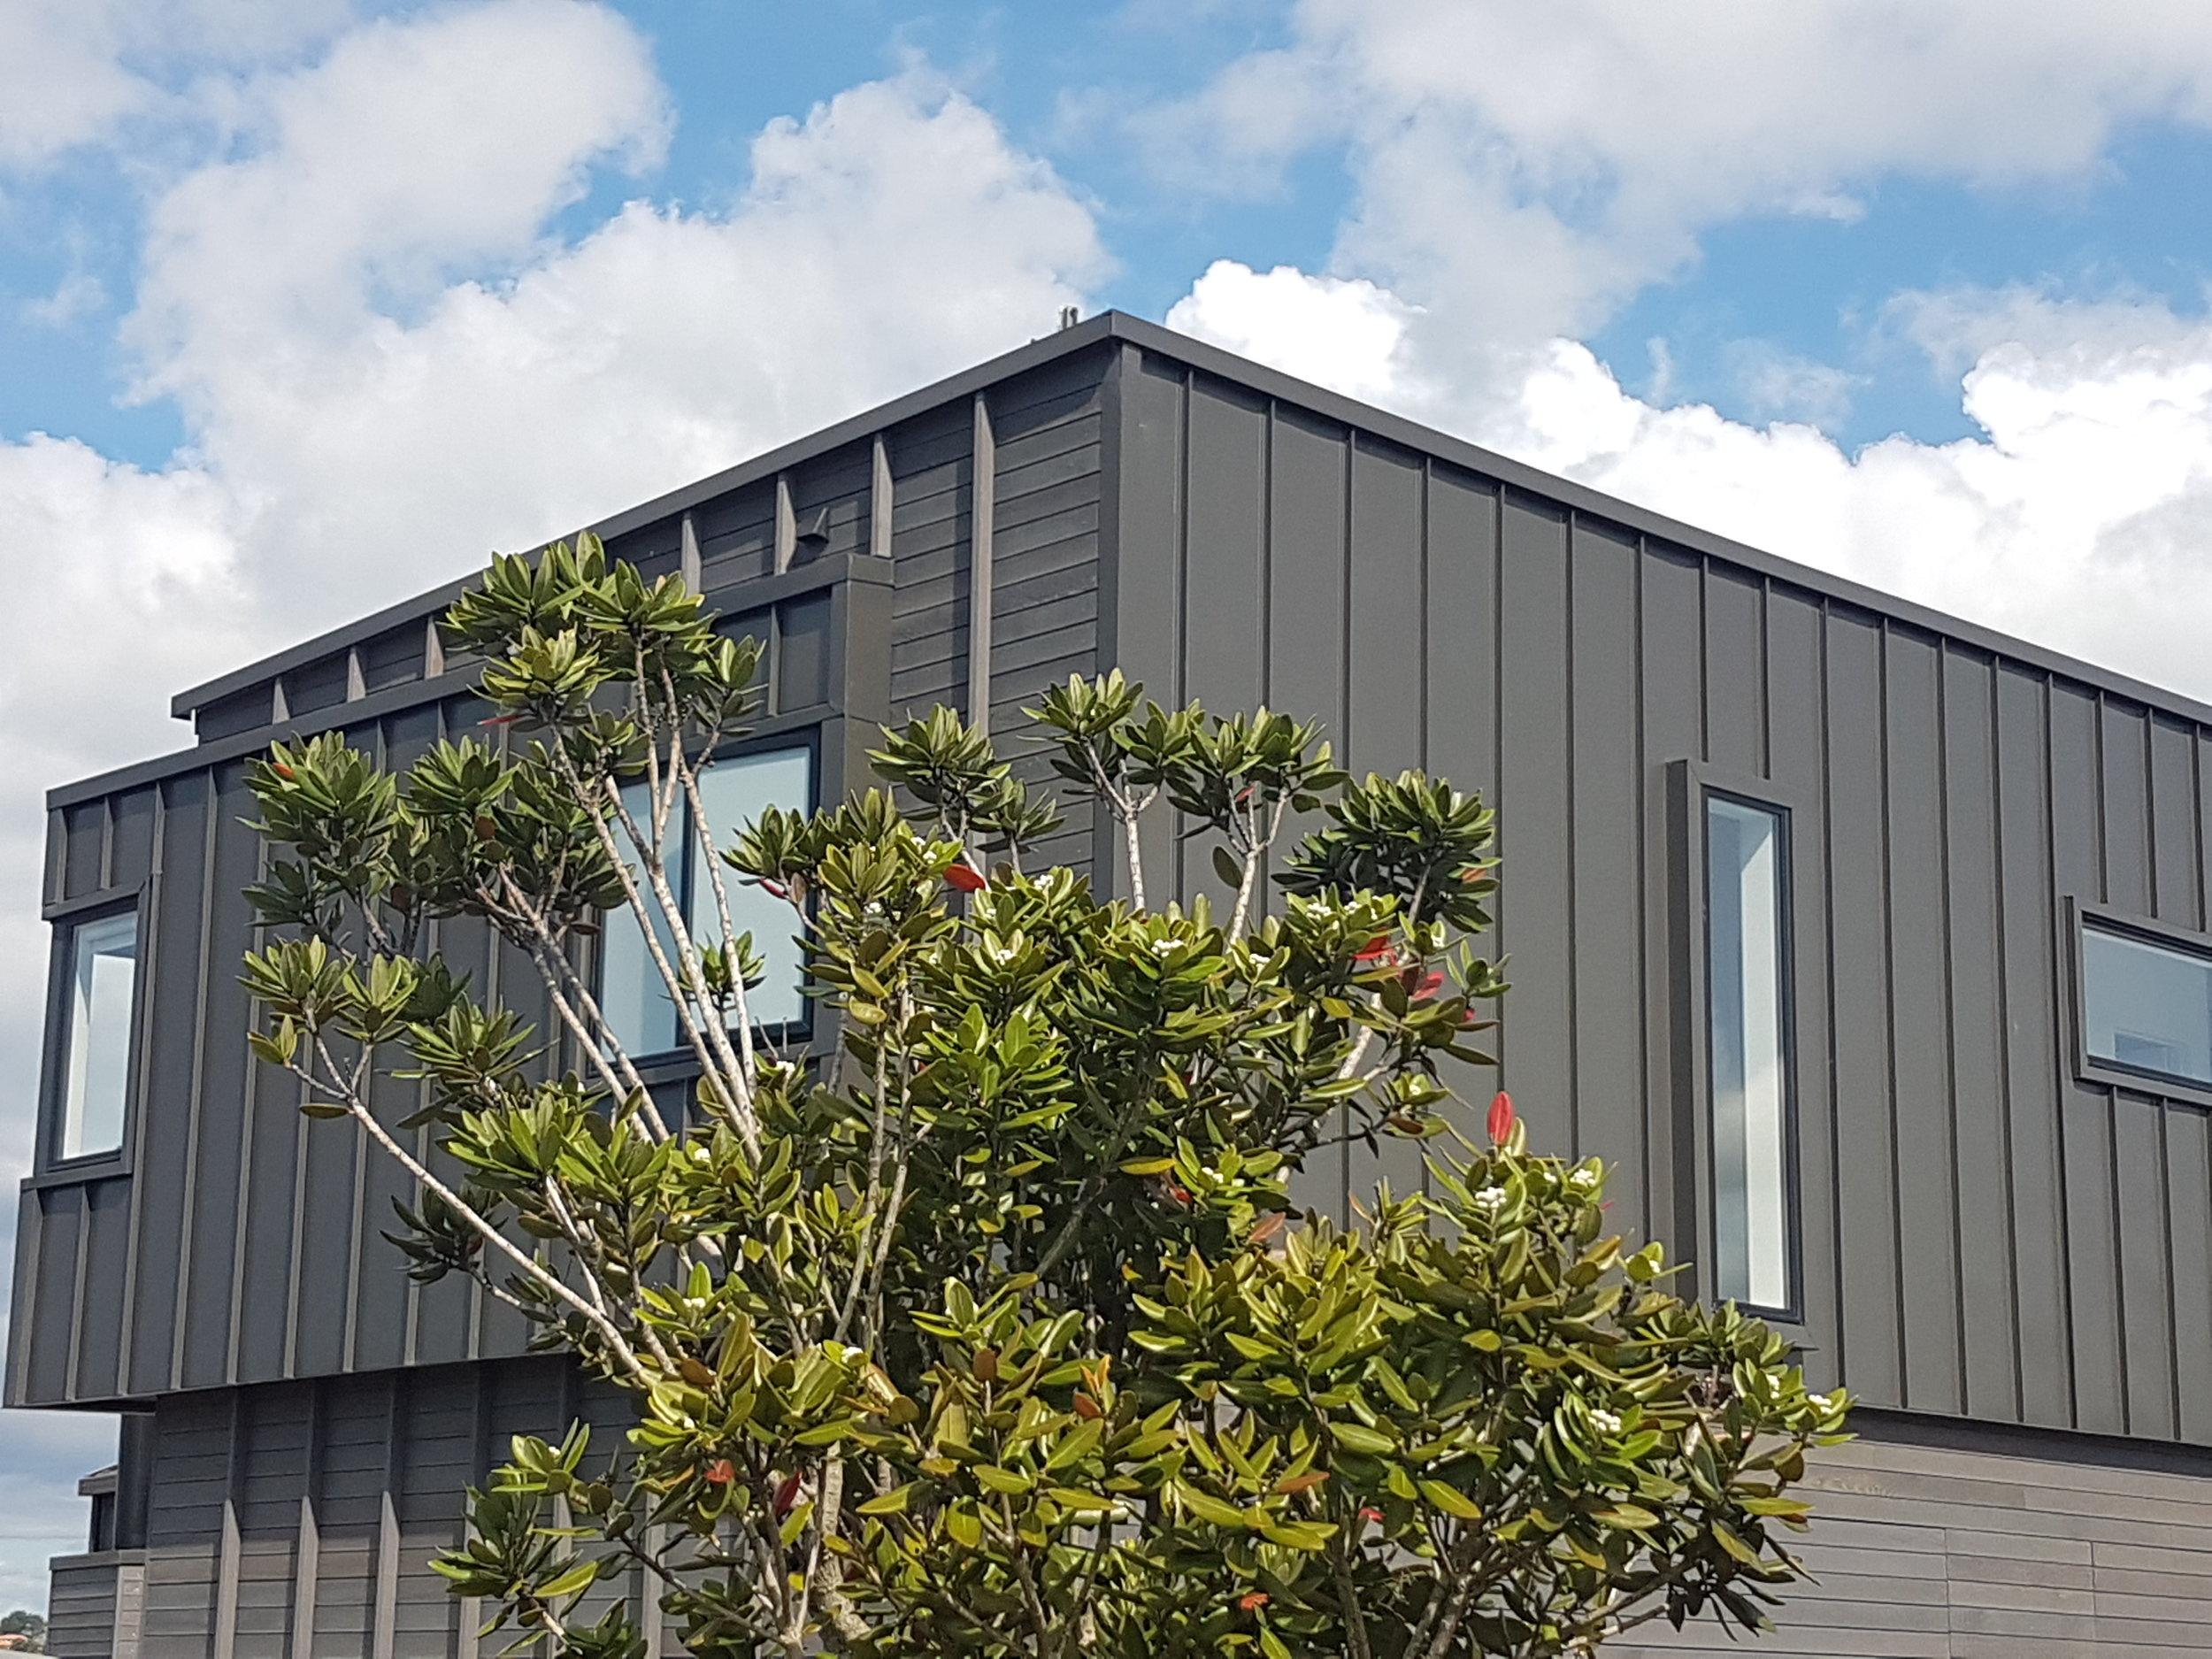 The-Roofing-Store-Steel-Metal-Super-Seam-Lux-Grey-Friars-1.jpg.jpg